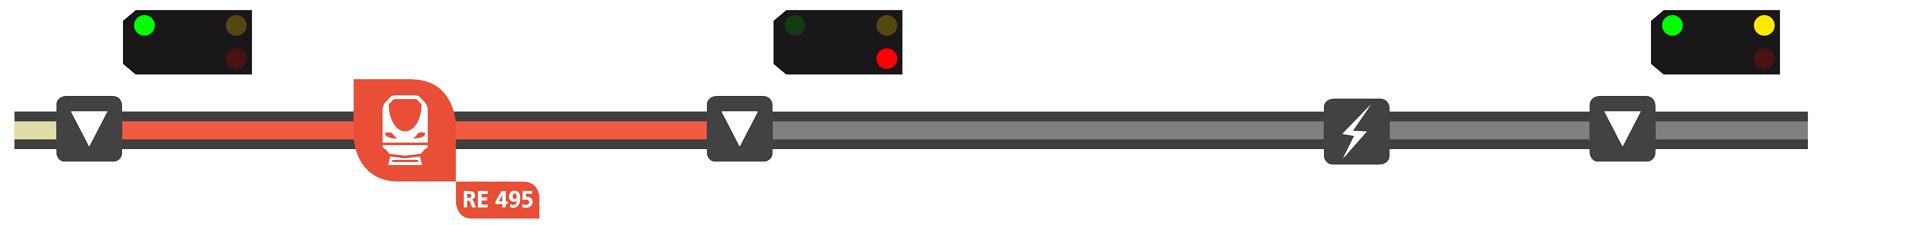 Visualisierung der ALAN Blocksignalisierung - Bild 13 von 18